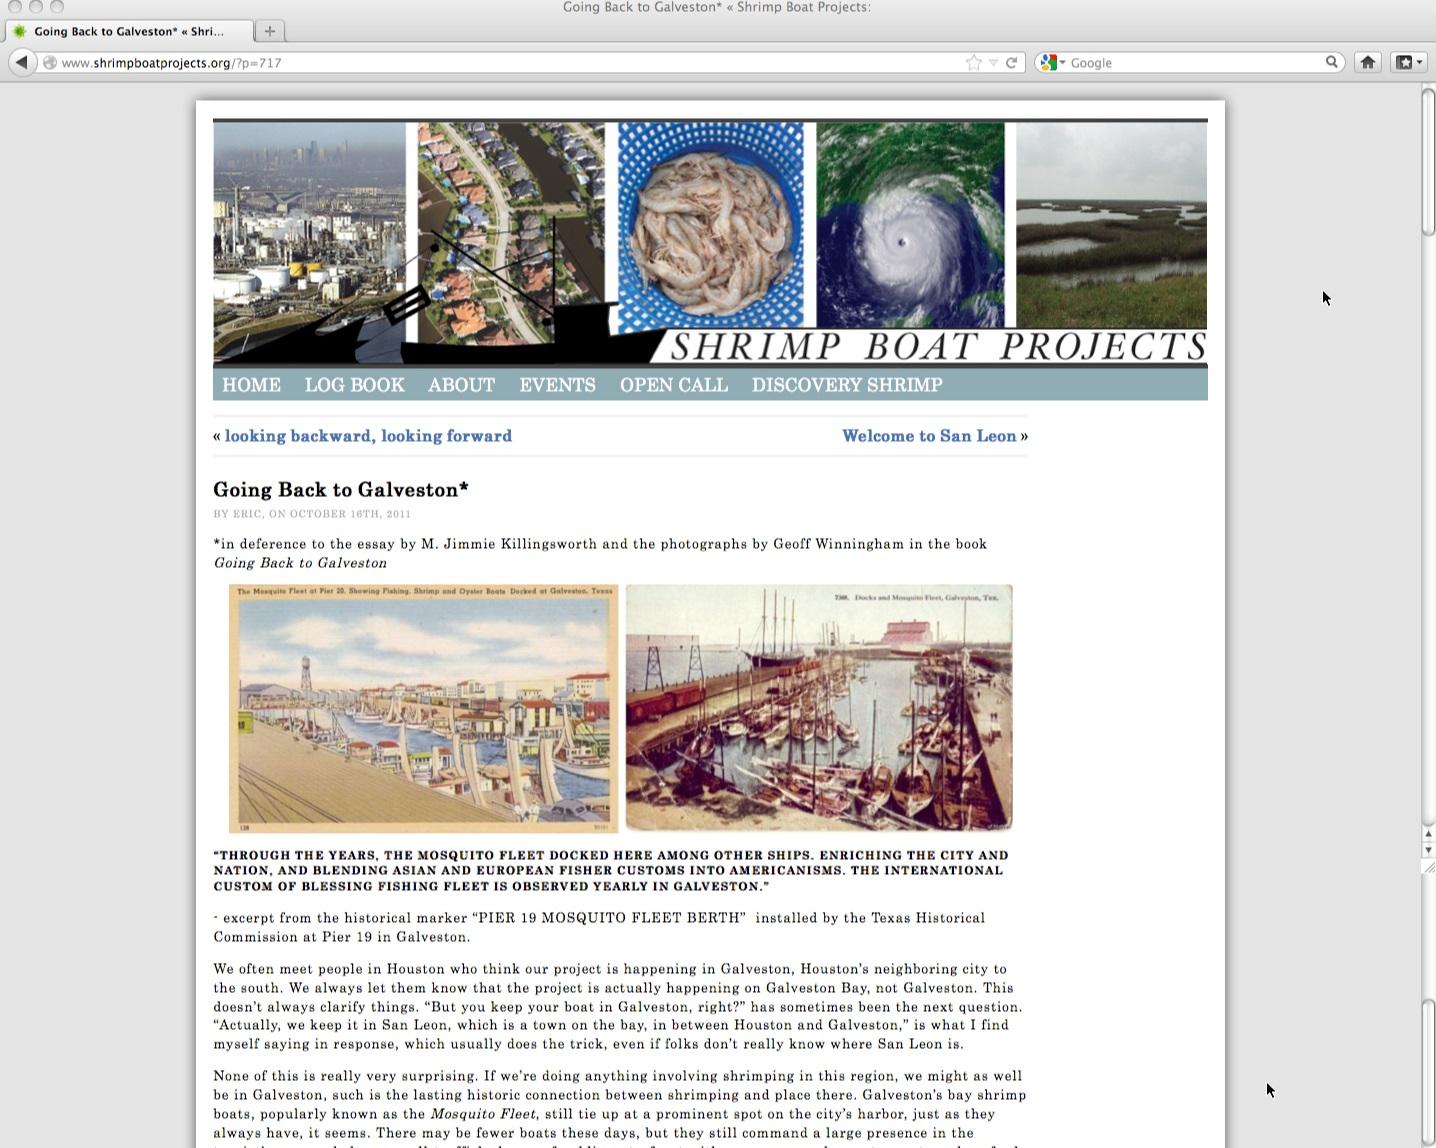 SBP+Blog_Going+Back+to+Galveston.jpg